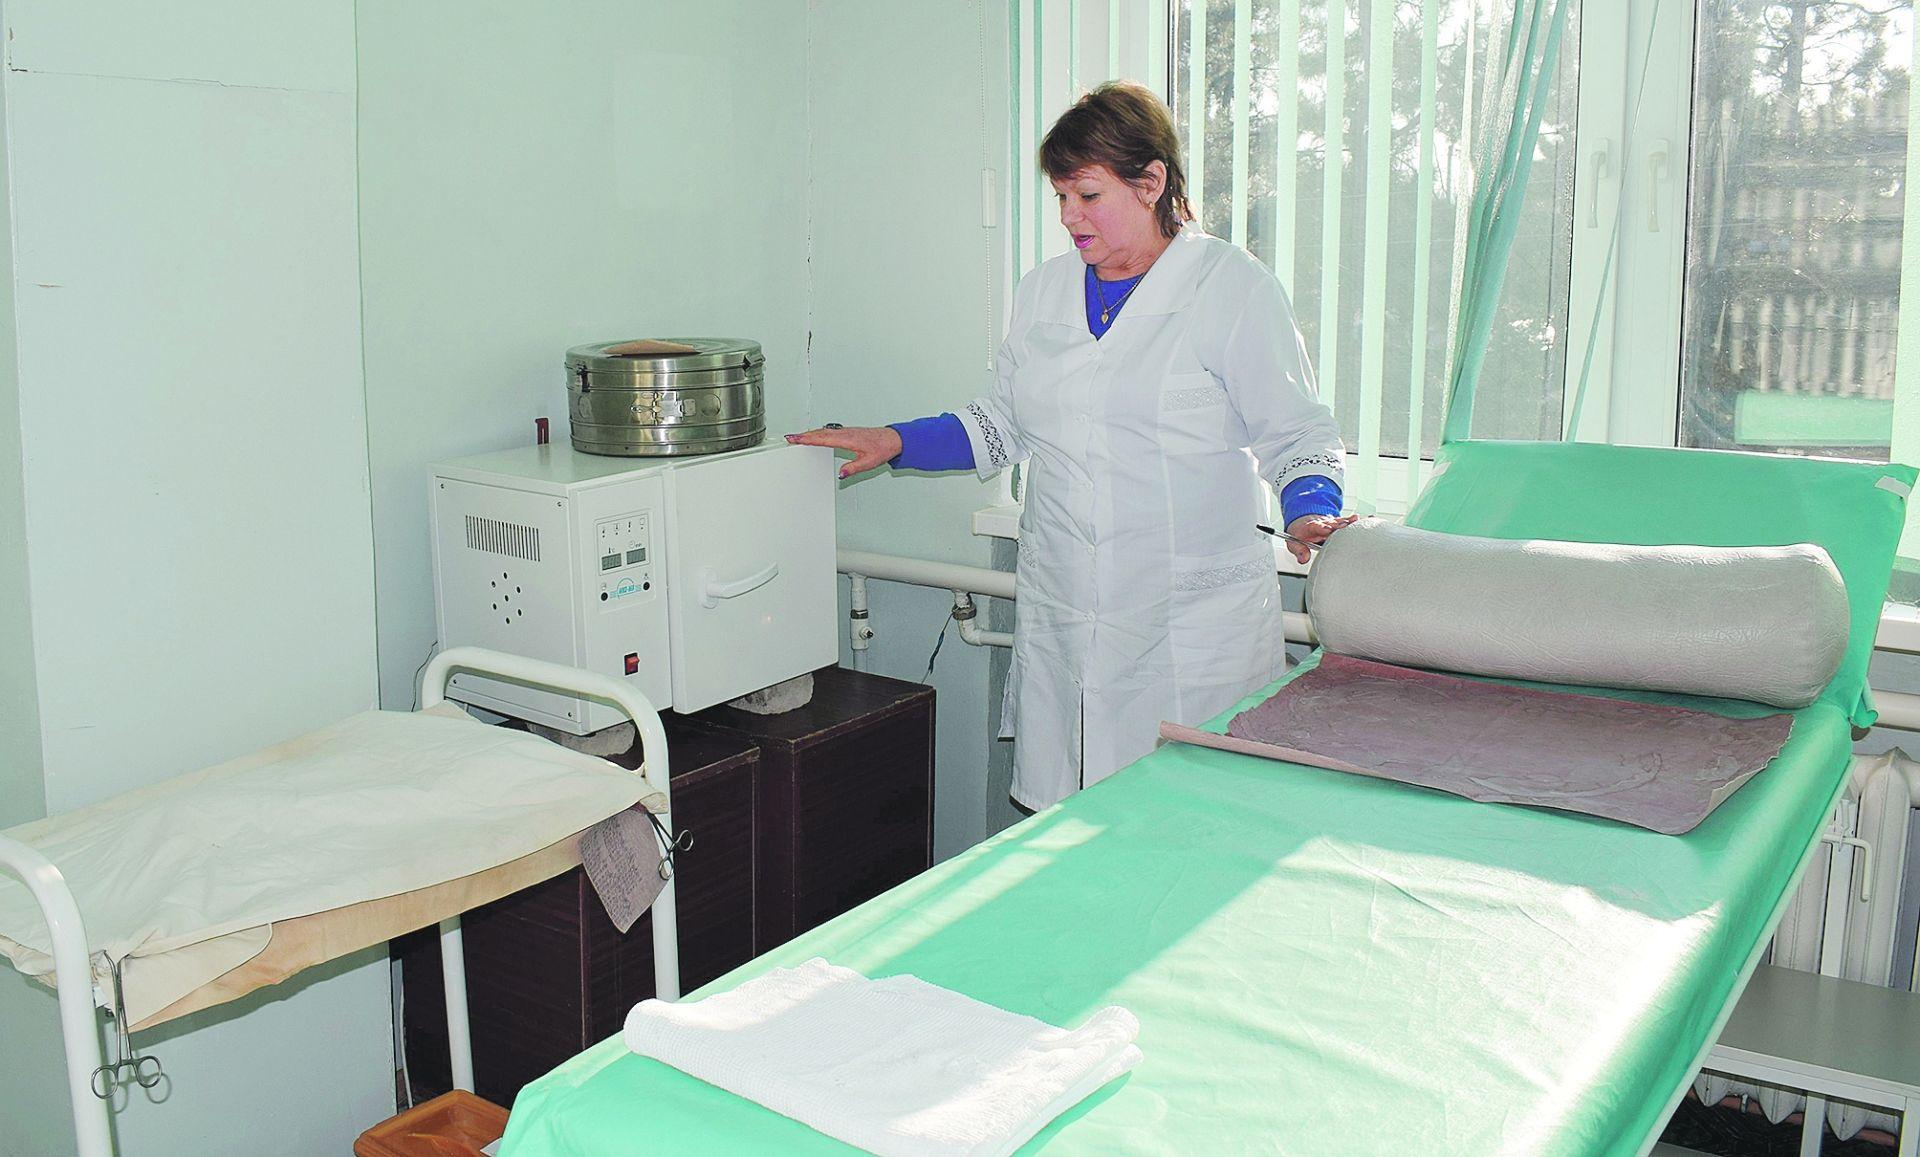 Закуплена новая мебель и оборудование для отделений сестринских уходов в селе Литвиновка и поселке Шолоховском Белокалитвинского района